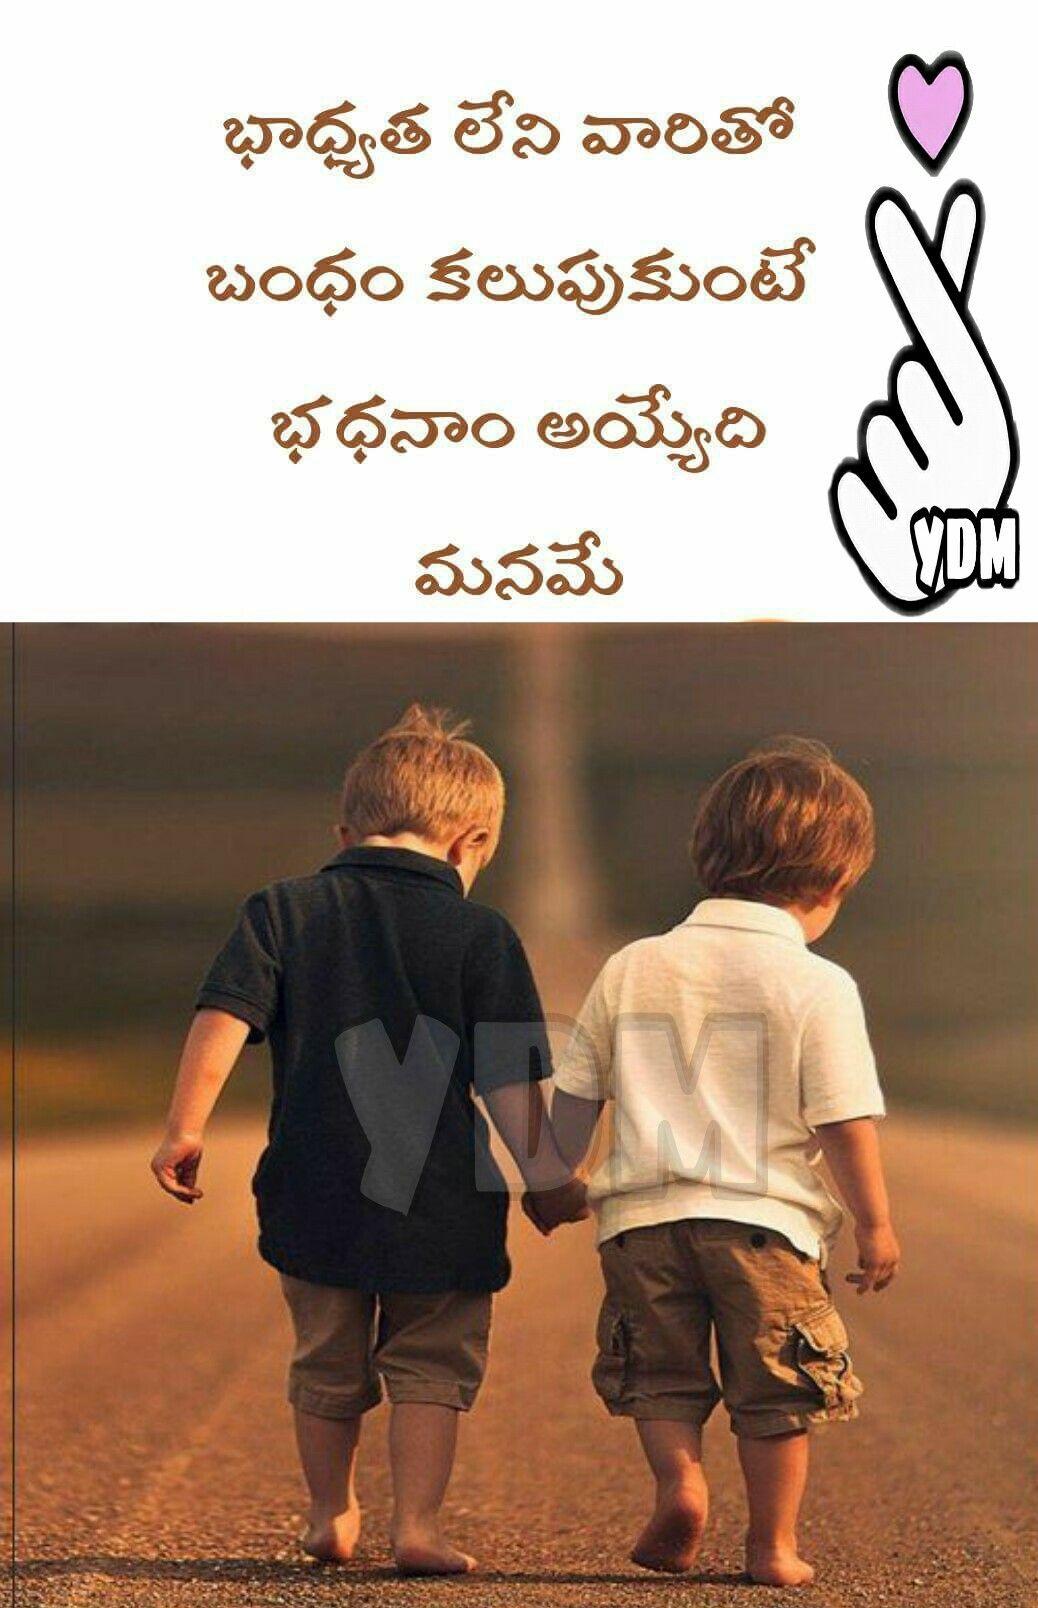 Pin By Ravinderreddy Ganji On Vijjy Pinterest Telugu Quotation